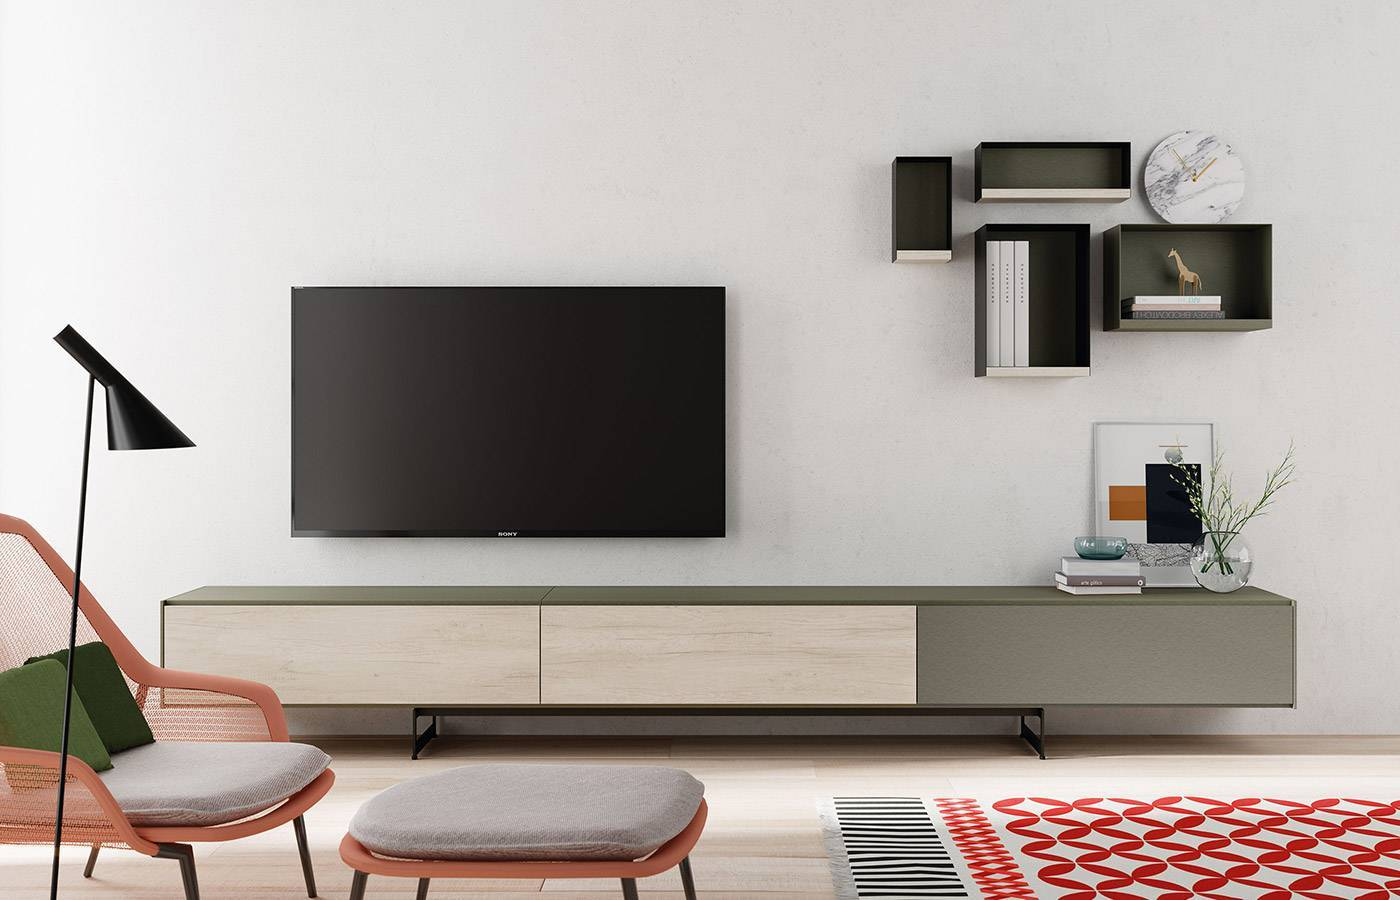 Composición de salón mueble TV AddLiving 6667 de Lagrama